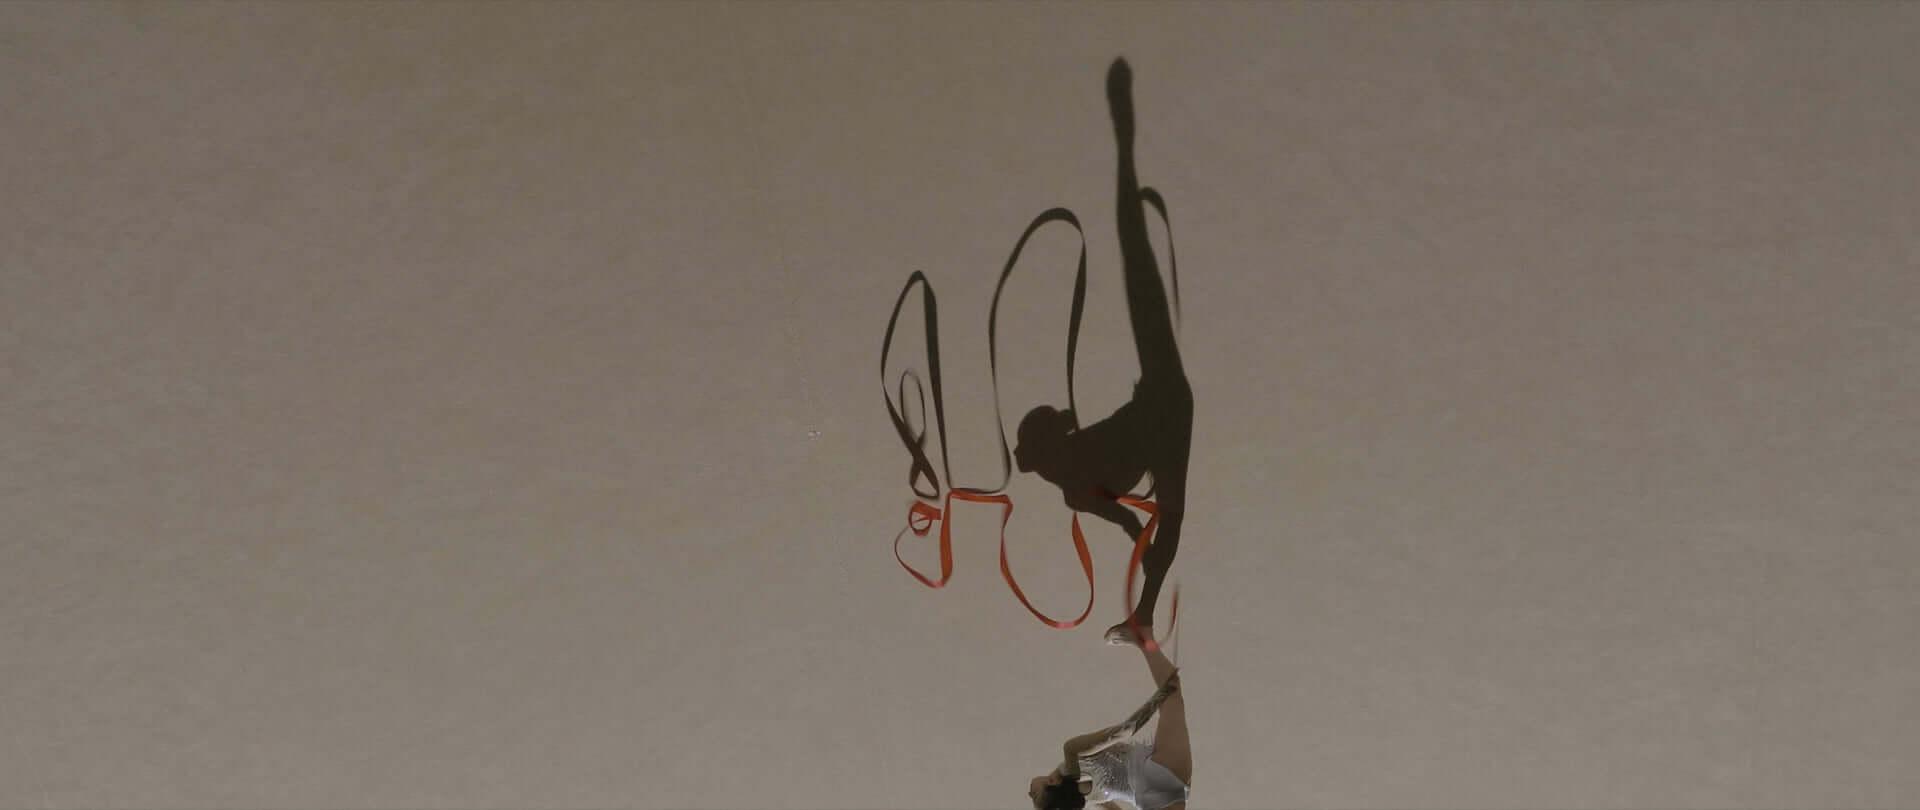 <第23回文化庁メディア芸術祭受賞作品展>が日本科学未来館で開催決定!VRカメラによるオンラインコンテンツも展開 art200910_mediaartsfes_12-1920x810